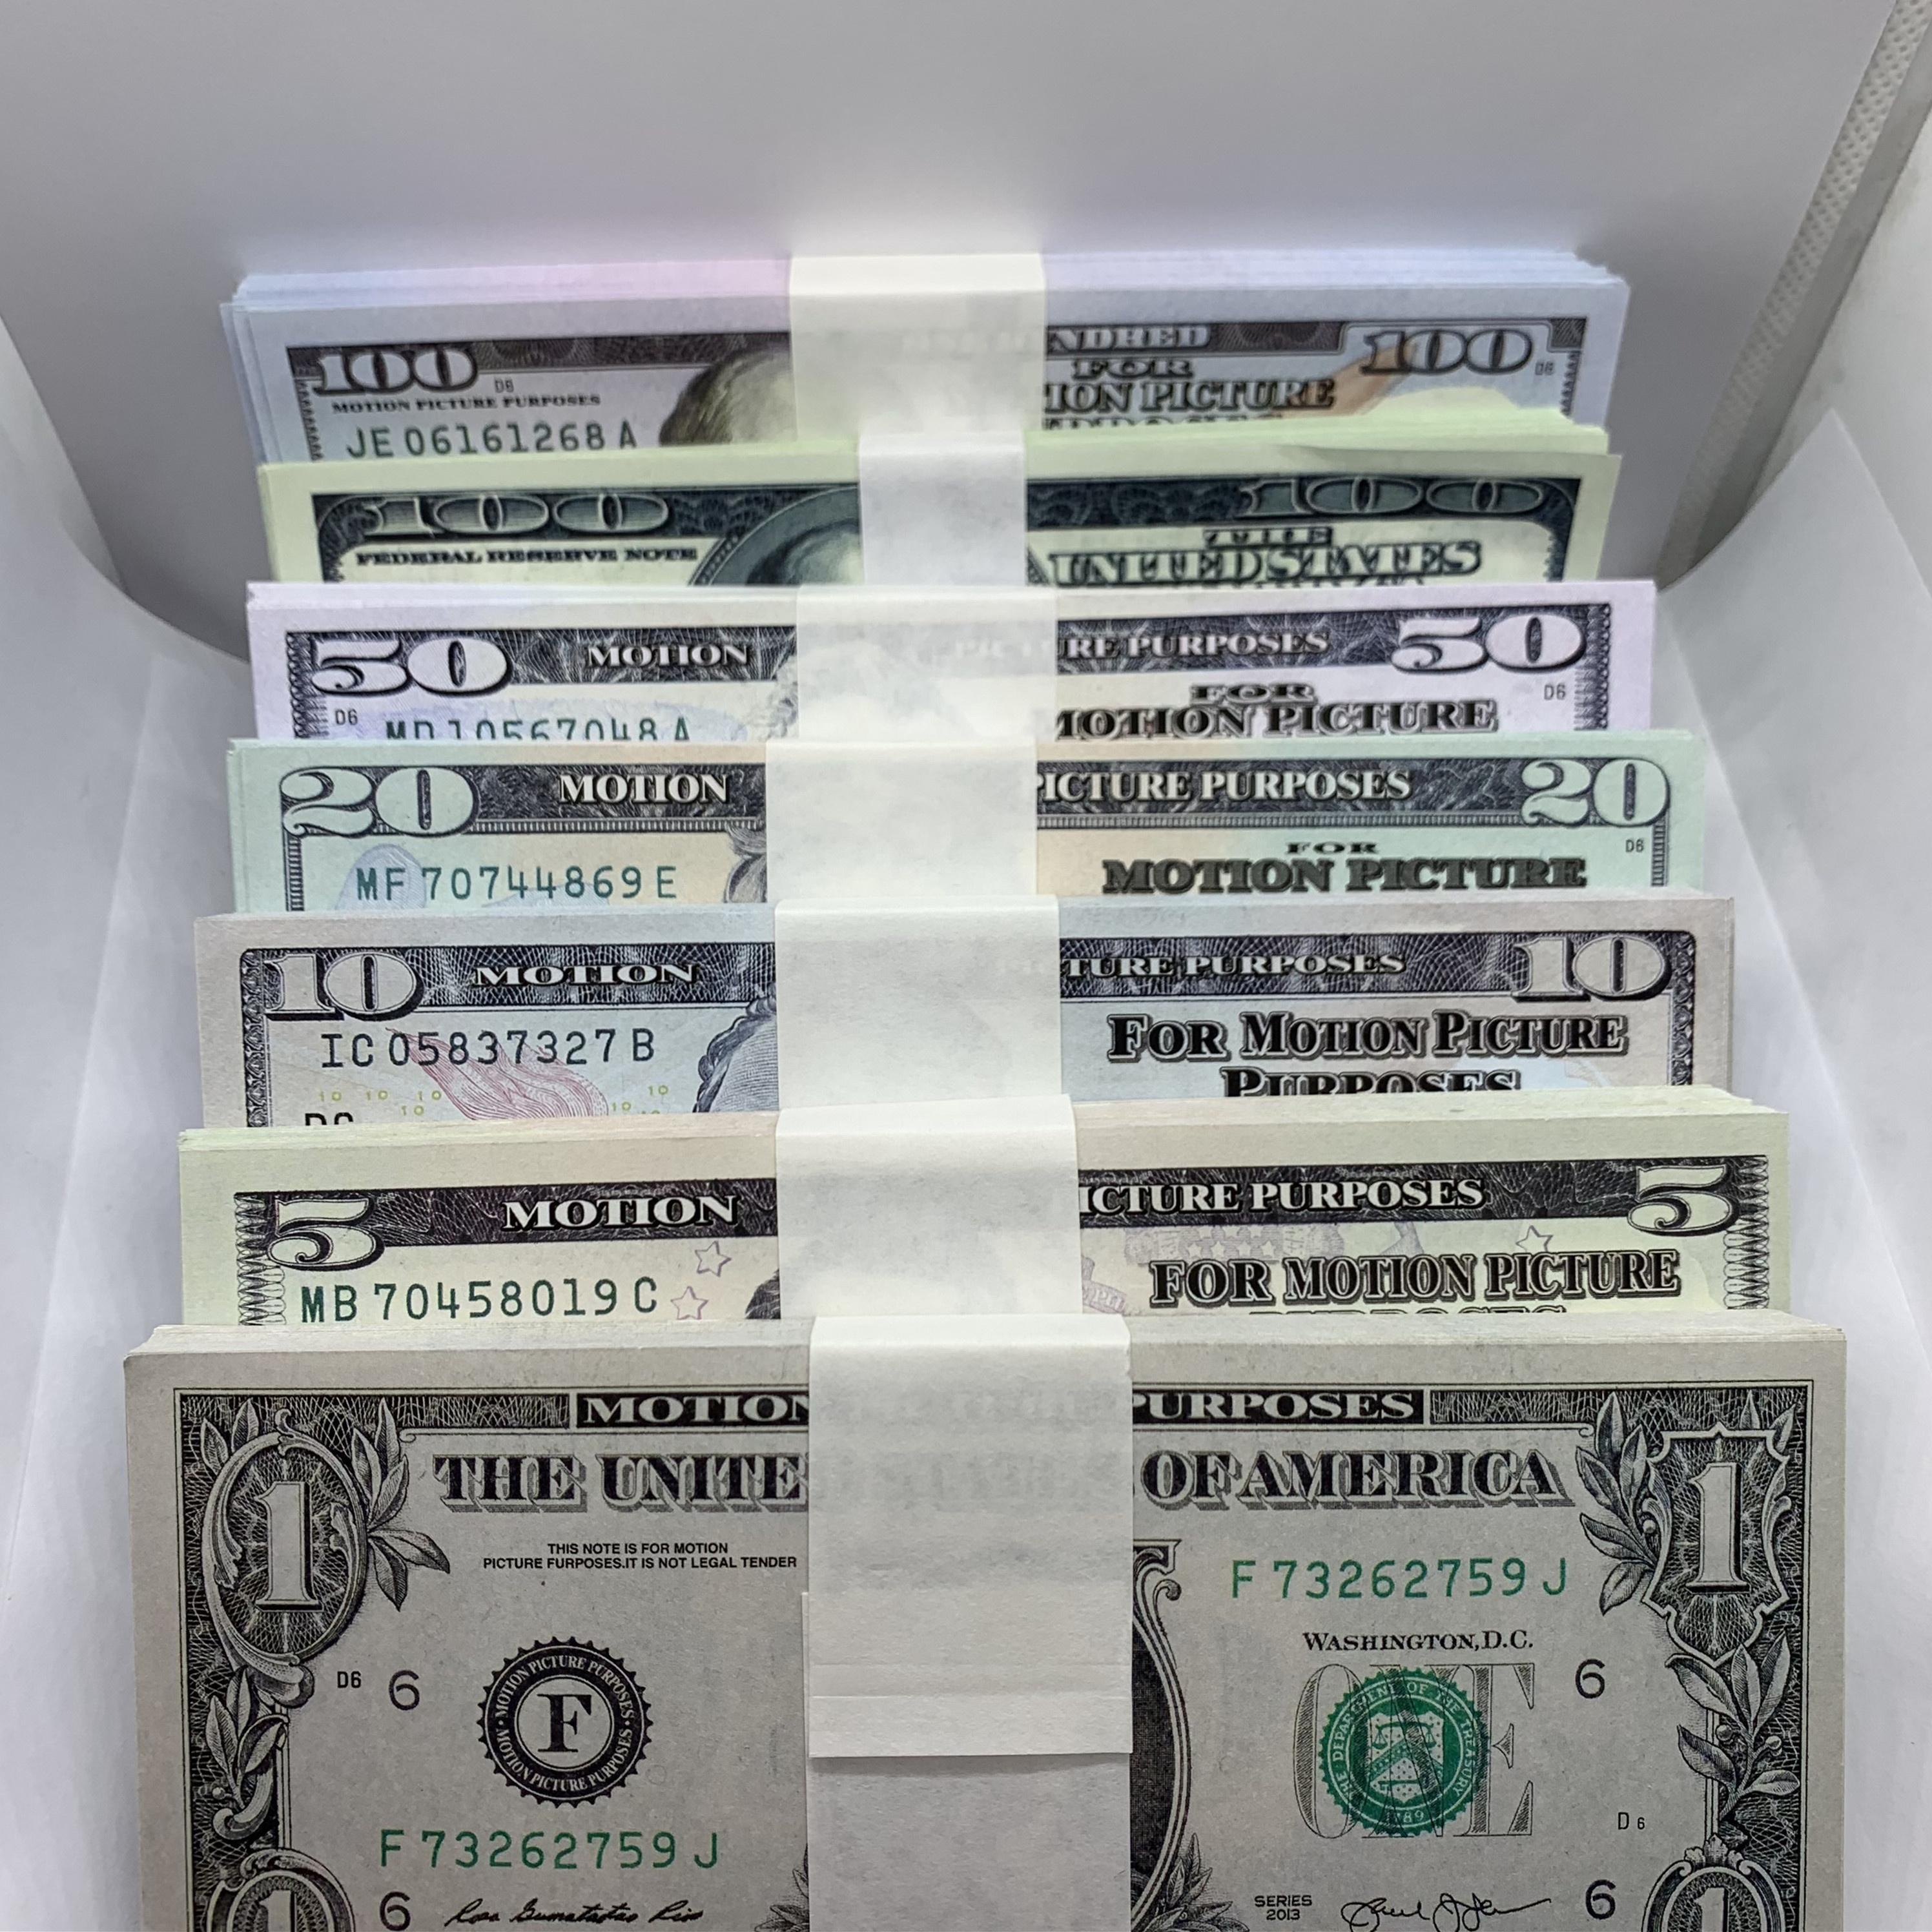 Film Money Money Dollar 1 5 10 TV Bar 100 Fake Money Shooting Billet Atmosphère Props Boulet Prop La-021 et 20 50 Faux contrefaites OJW JGIL